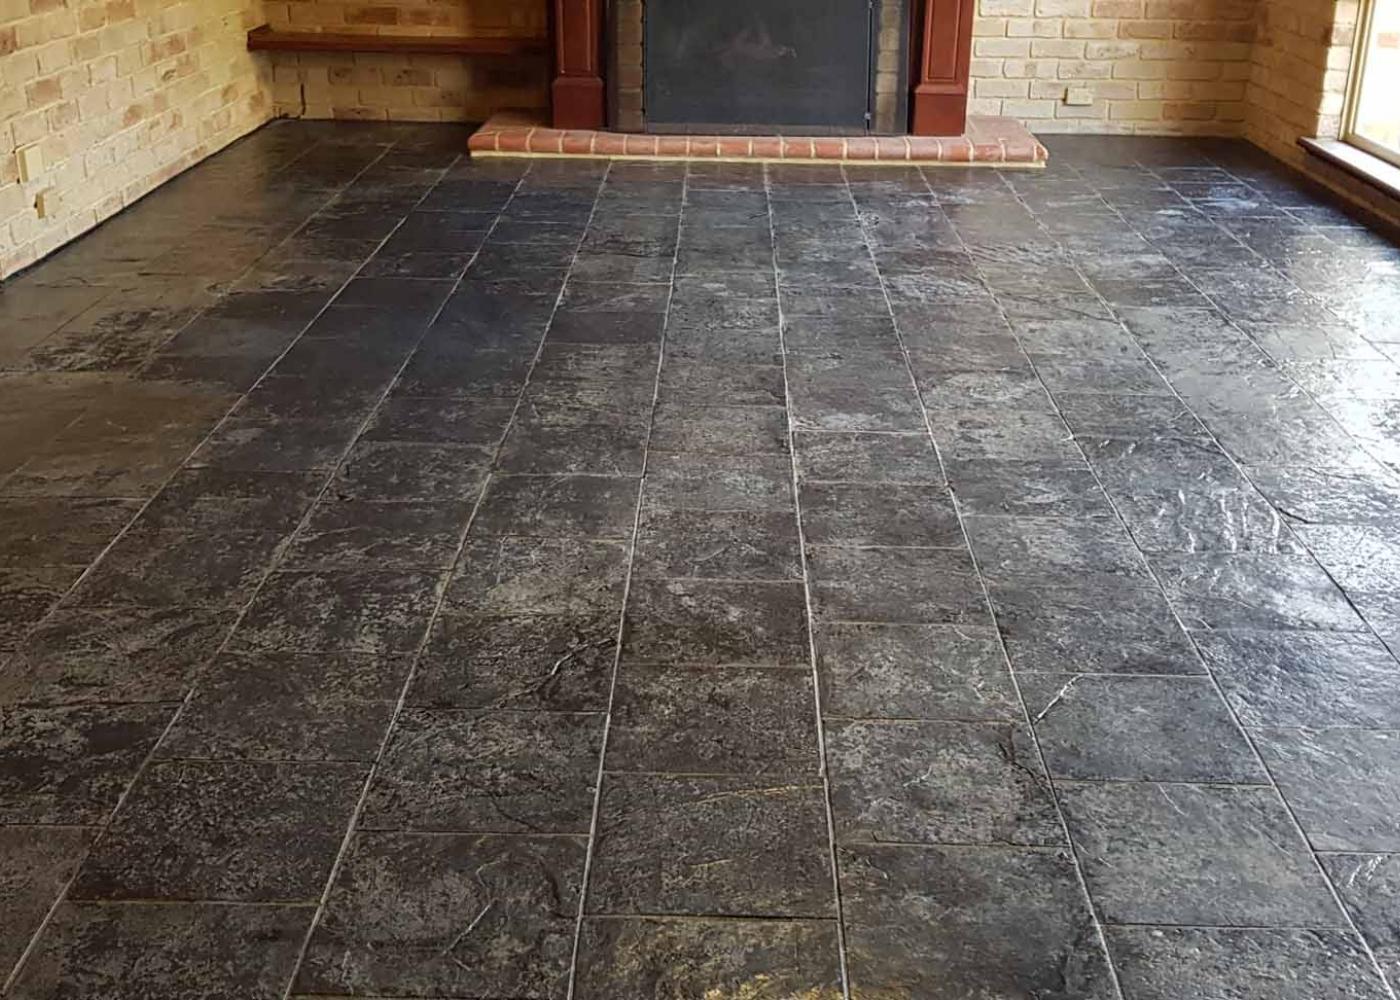 natuursteen vloer voor het schoonmaken